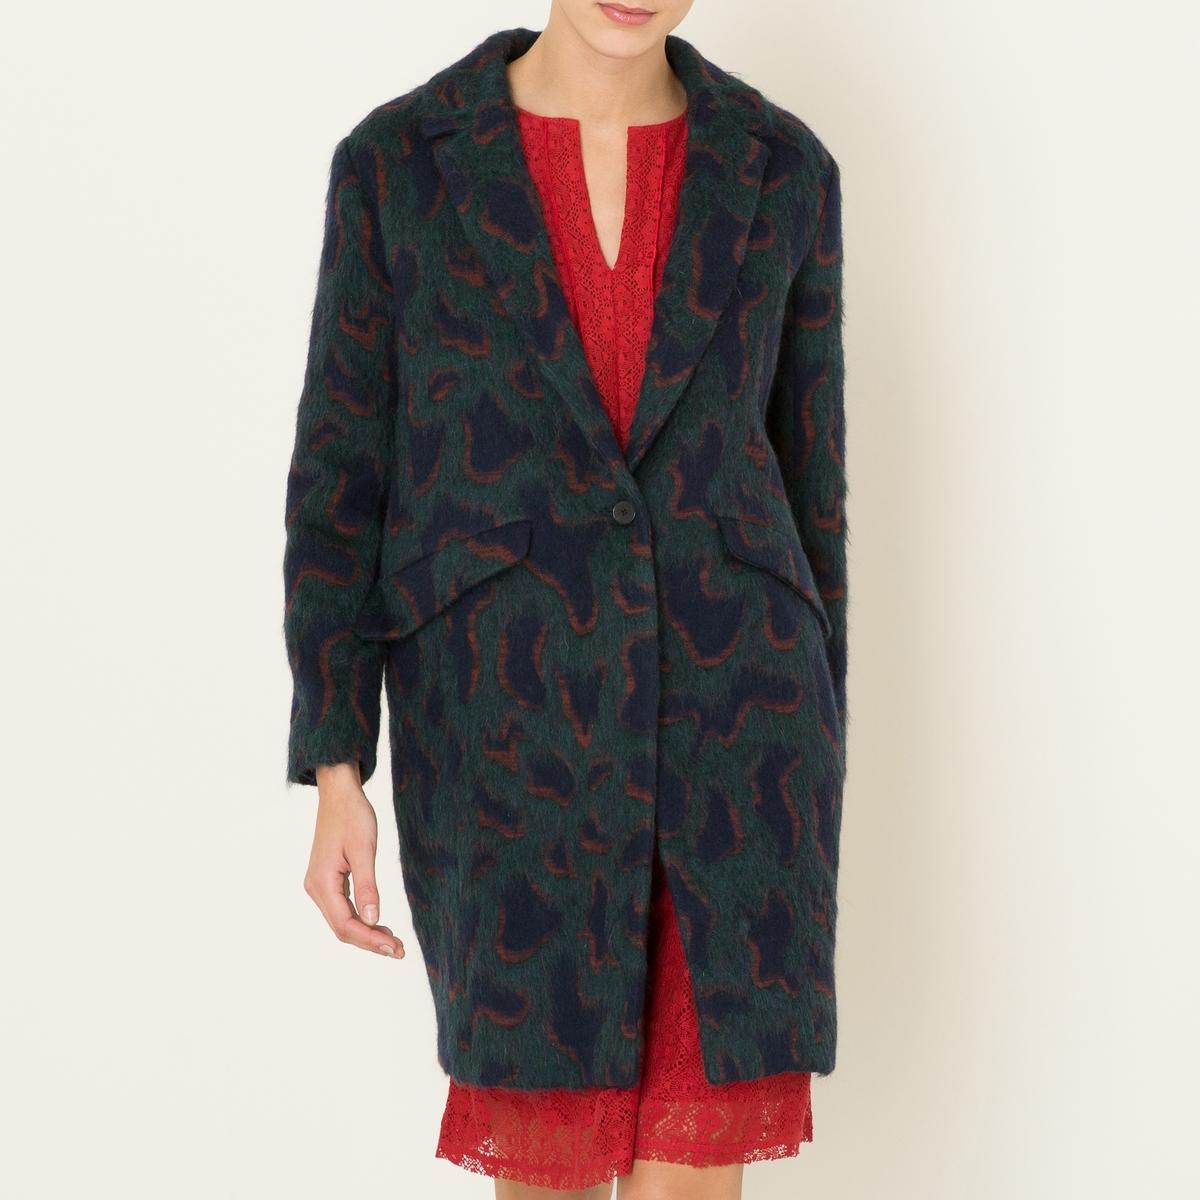 Пальто MELBAСостав и описание :Материал : 45% хлопка, 28% необработанной шерсти, 15% мохера, 12% полиамидаПодкладка 95% полиэстера, 5% эластанаПодкладка карманов 100% хлопокМарка : BA&amp;SH<br><br>Цвет: зеленый